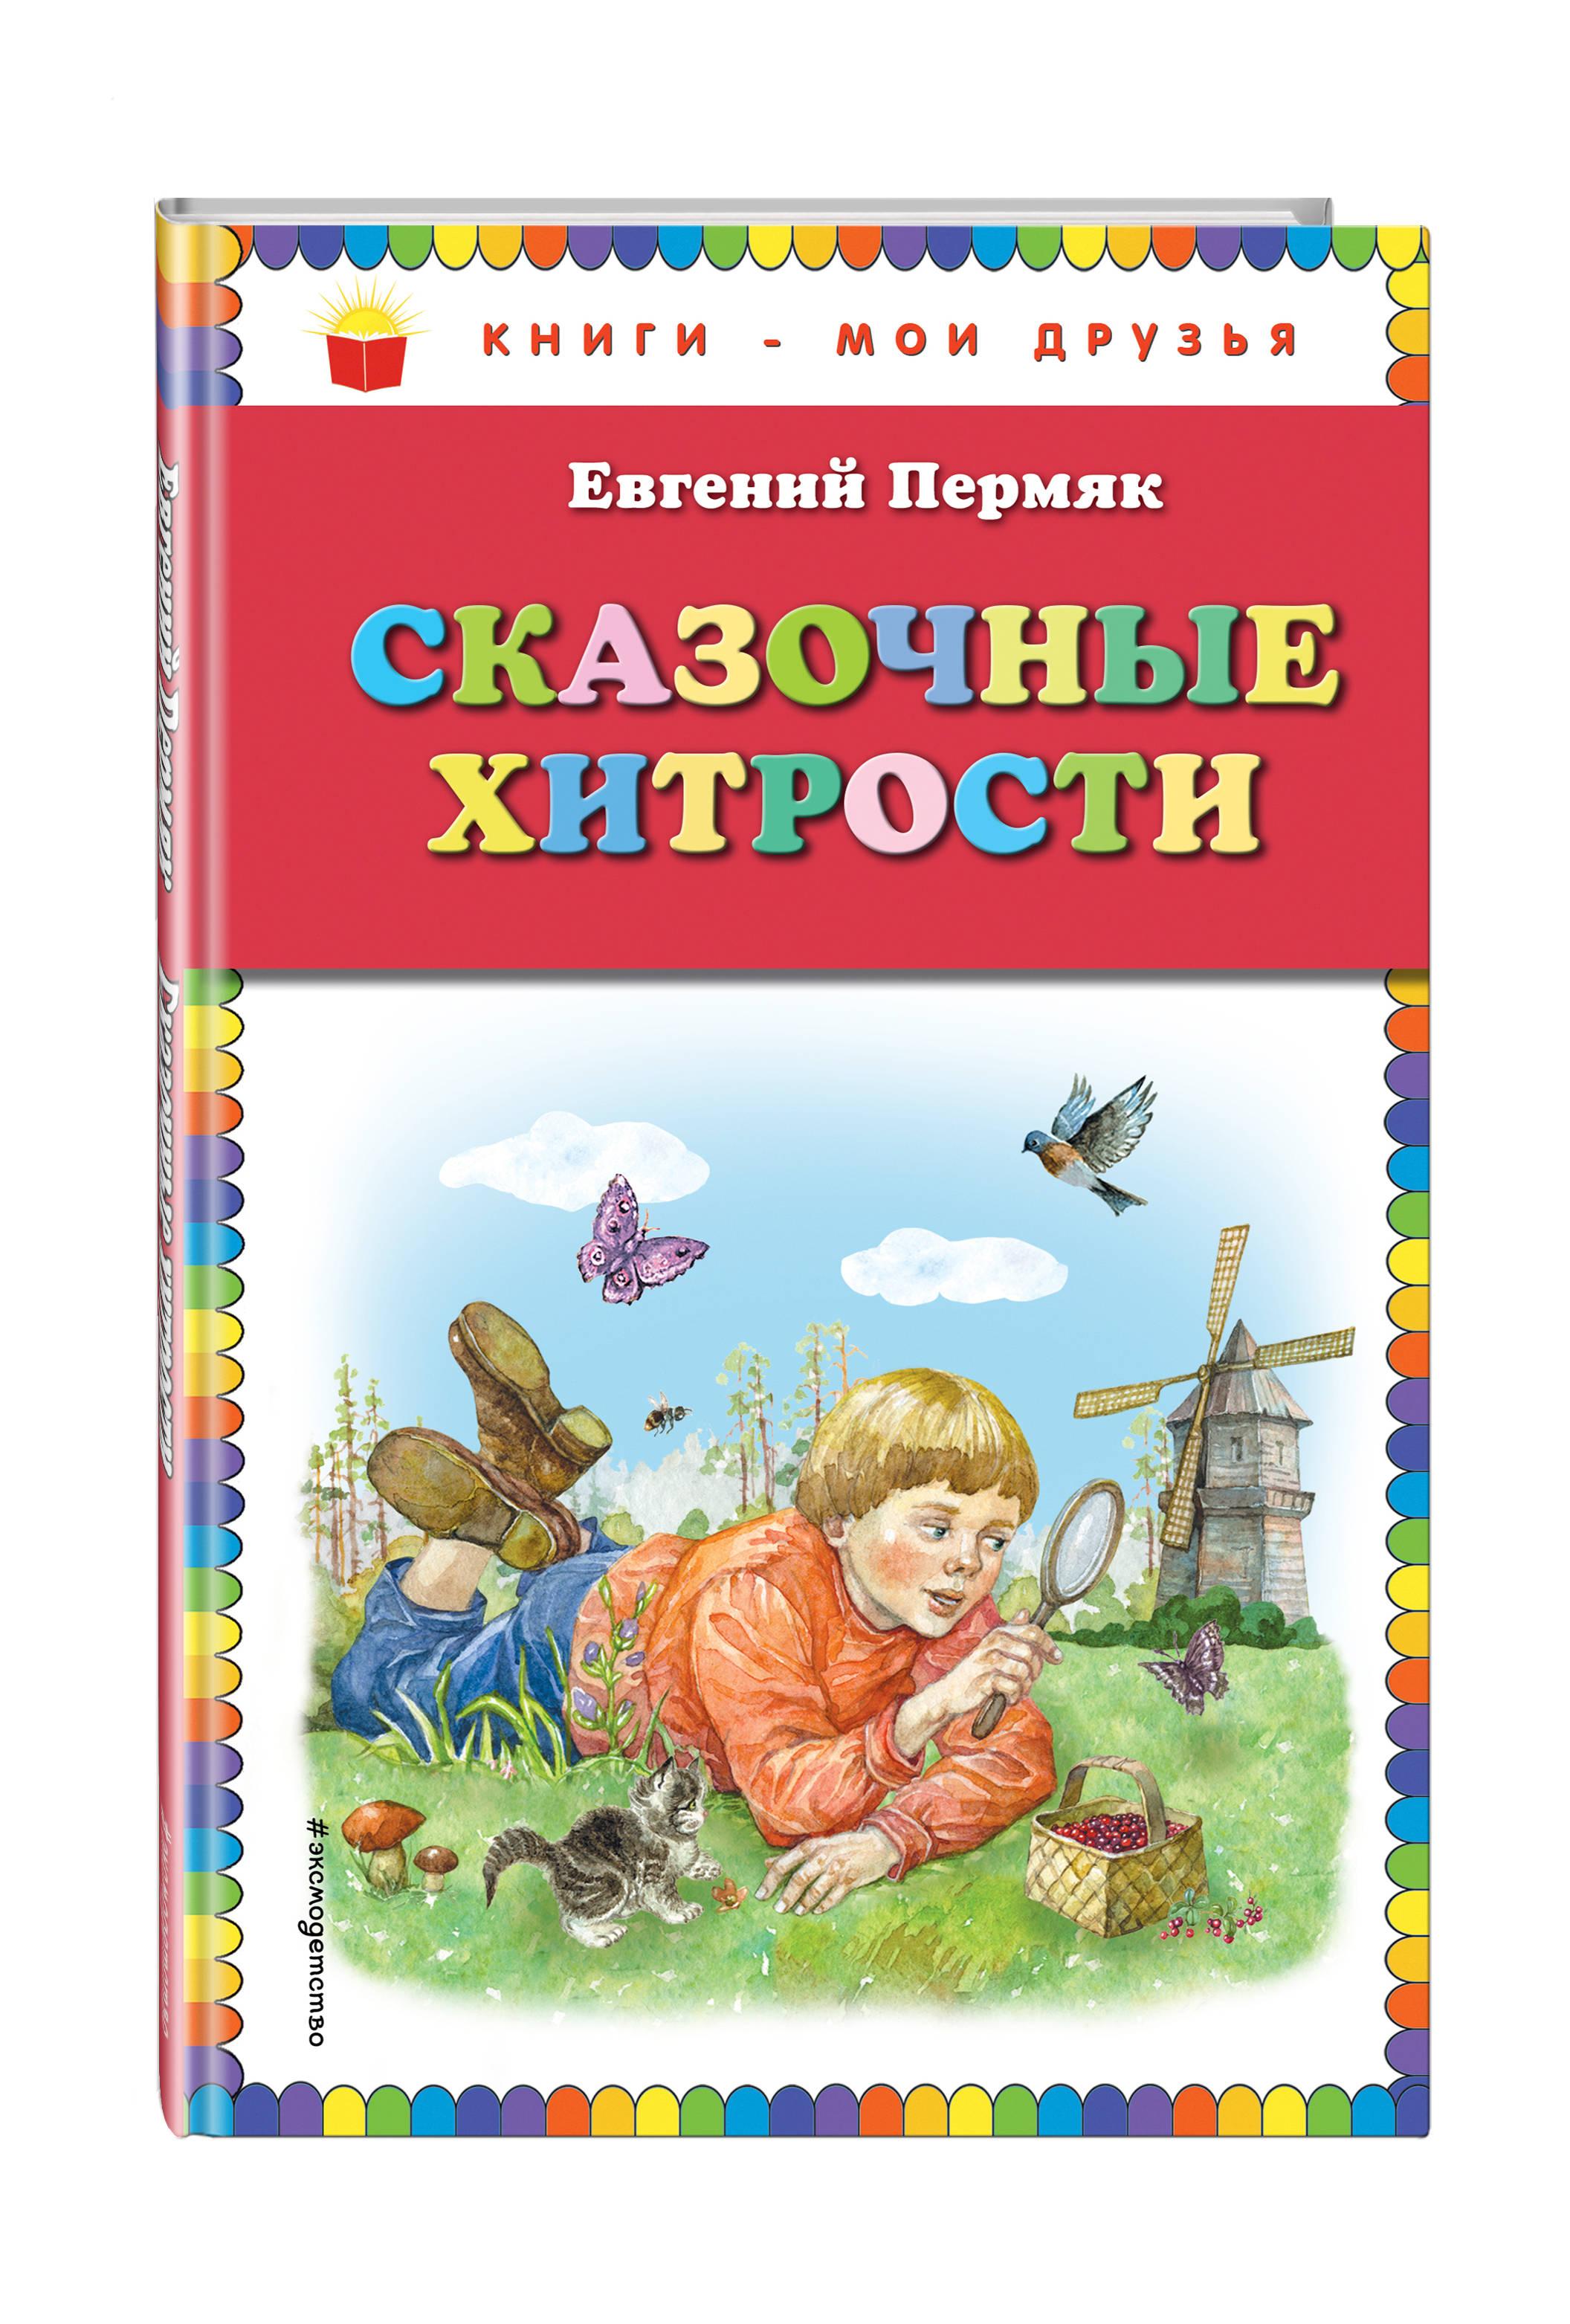 Евгений Пермяк Сказочные хитрости эксмо сказки сказочные хитрости е а пермяк